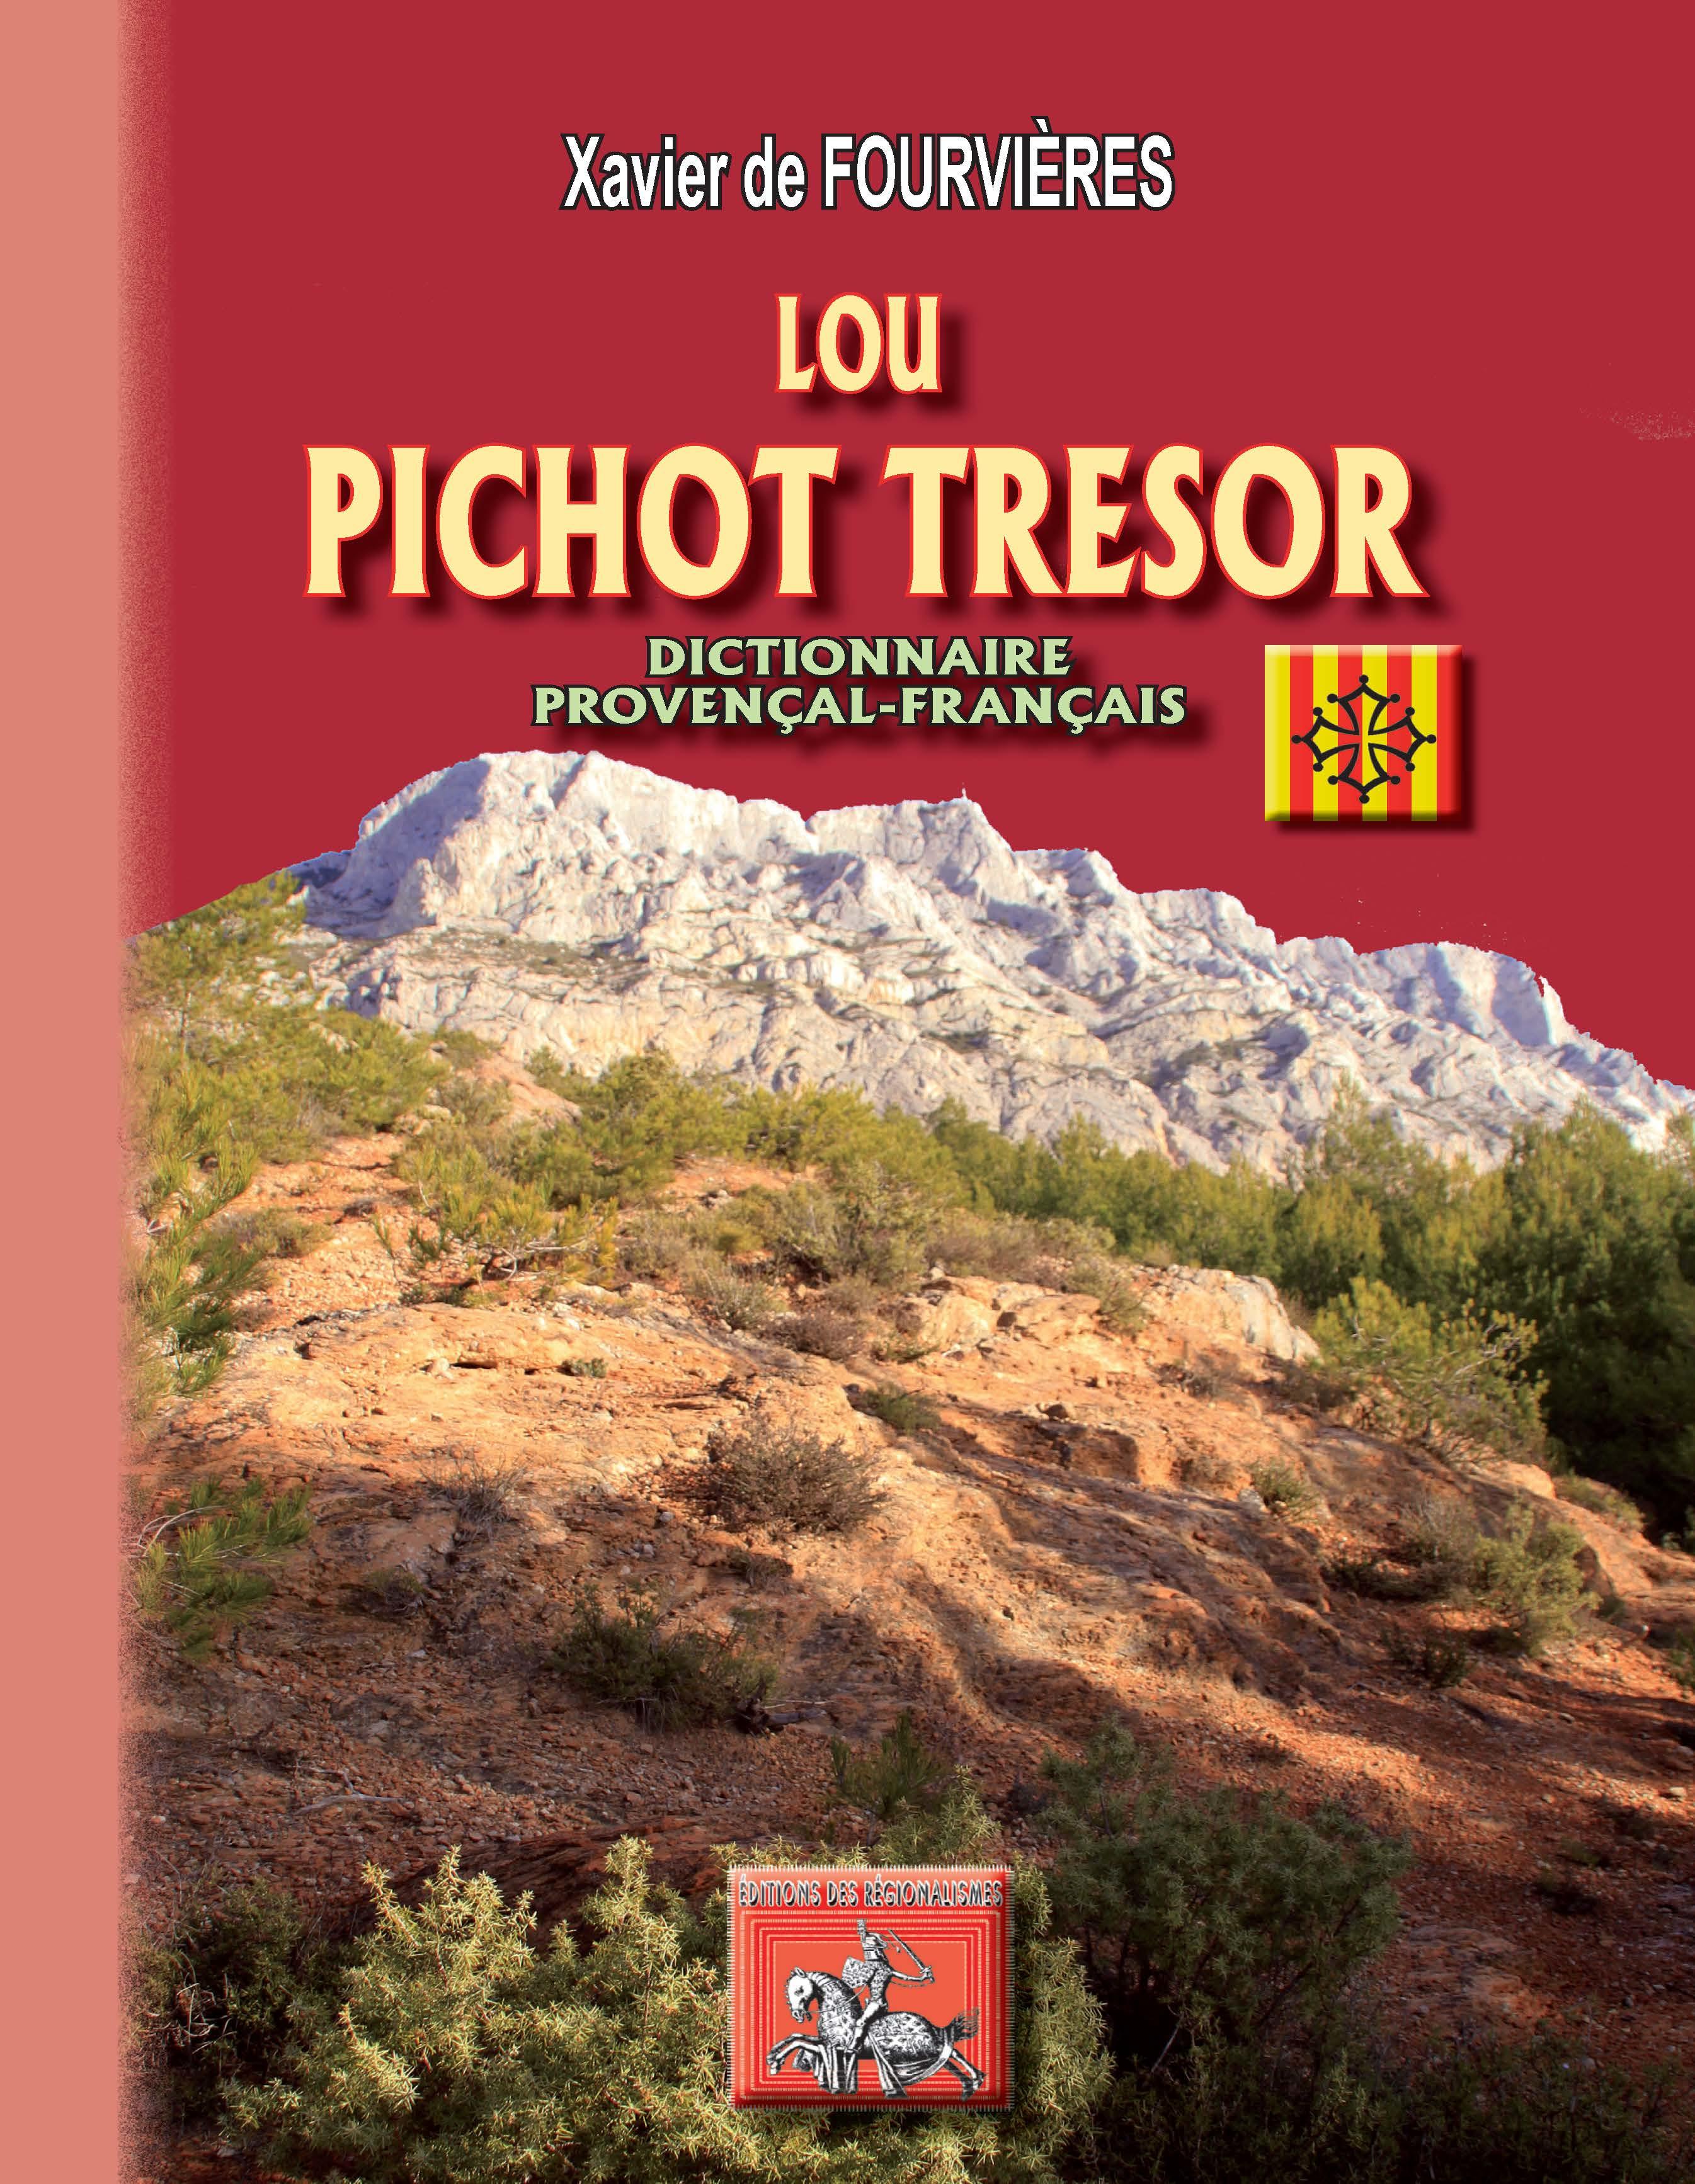 Lou Pichot Tresor ; dictionnaire provencal-français